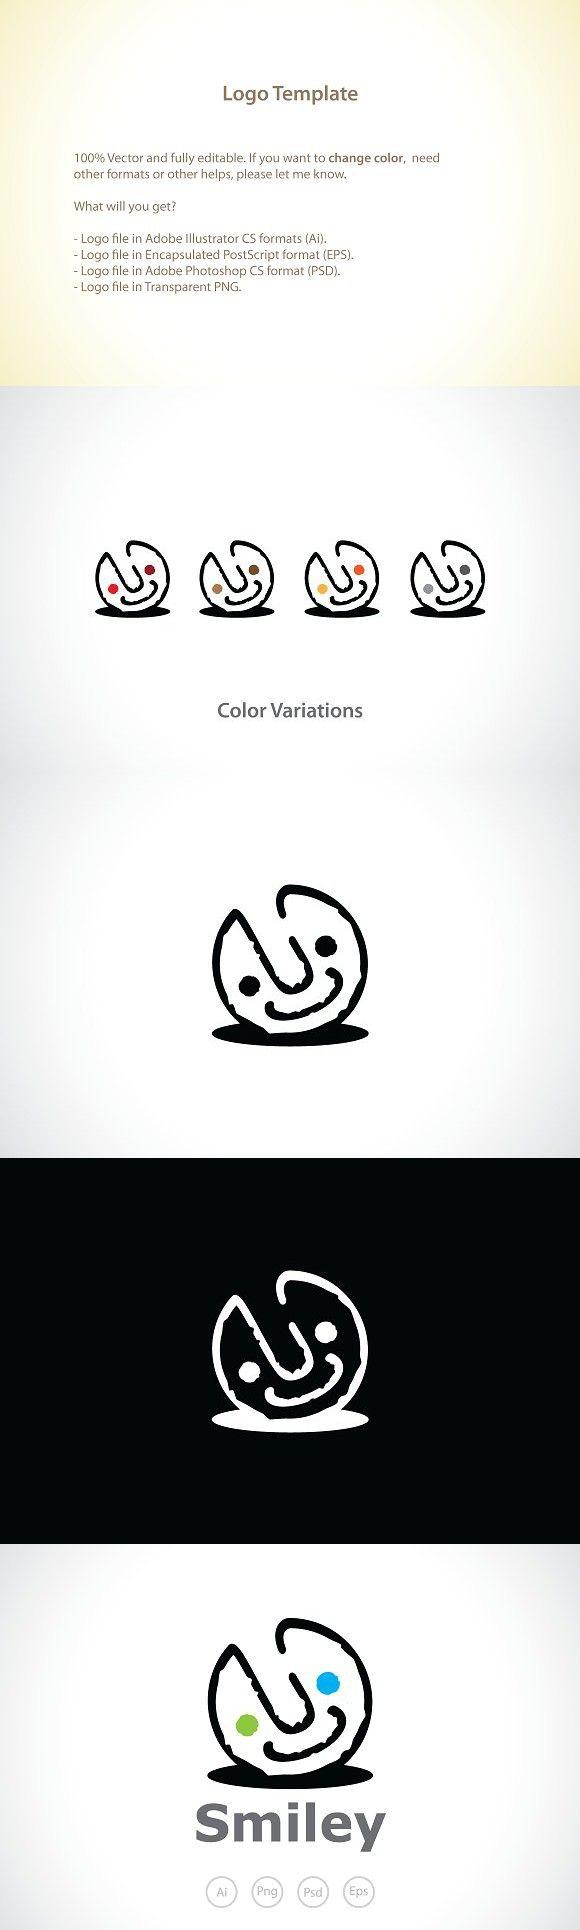 Happy Smiley Logo Template | Logo Templates | Logo templates